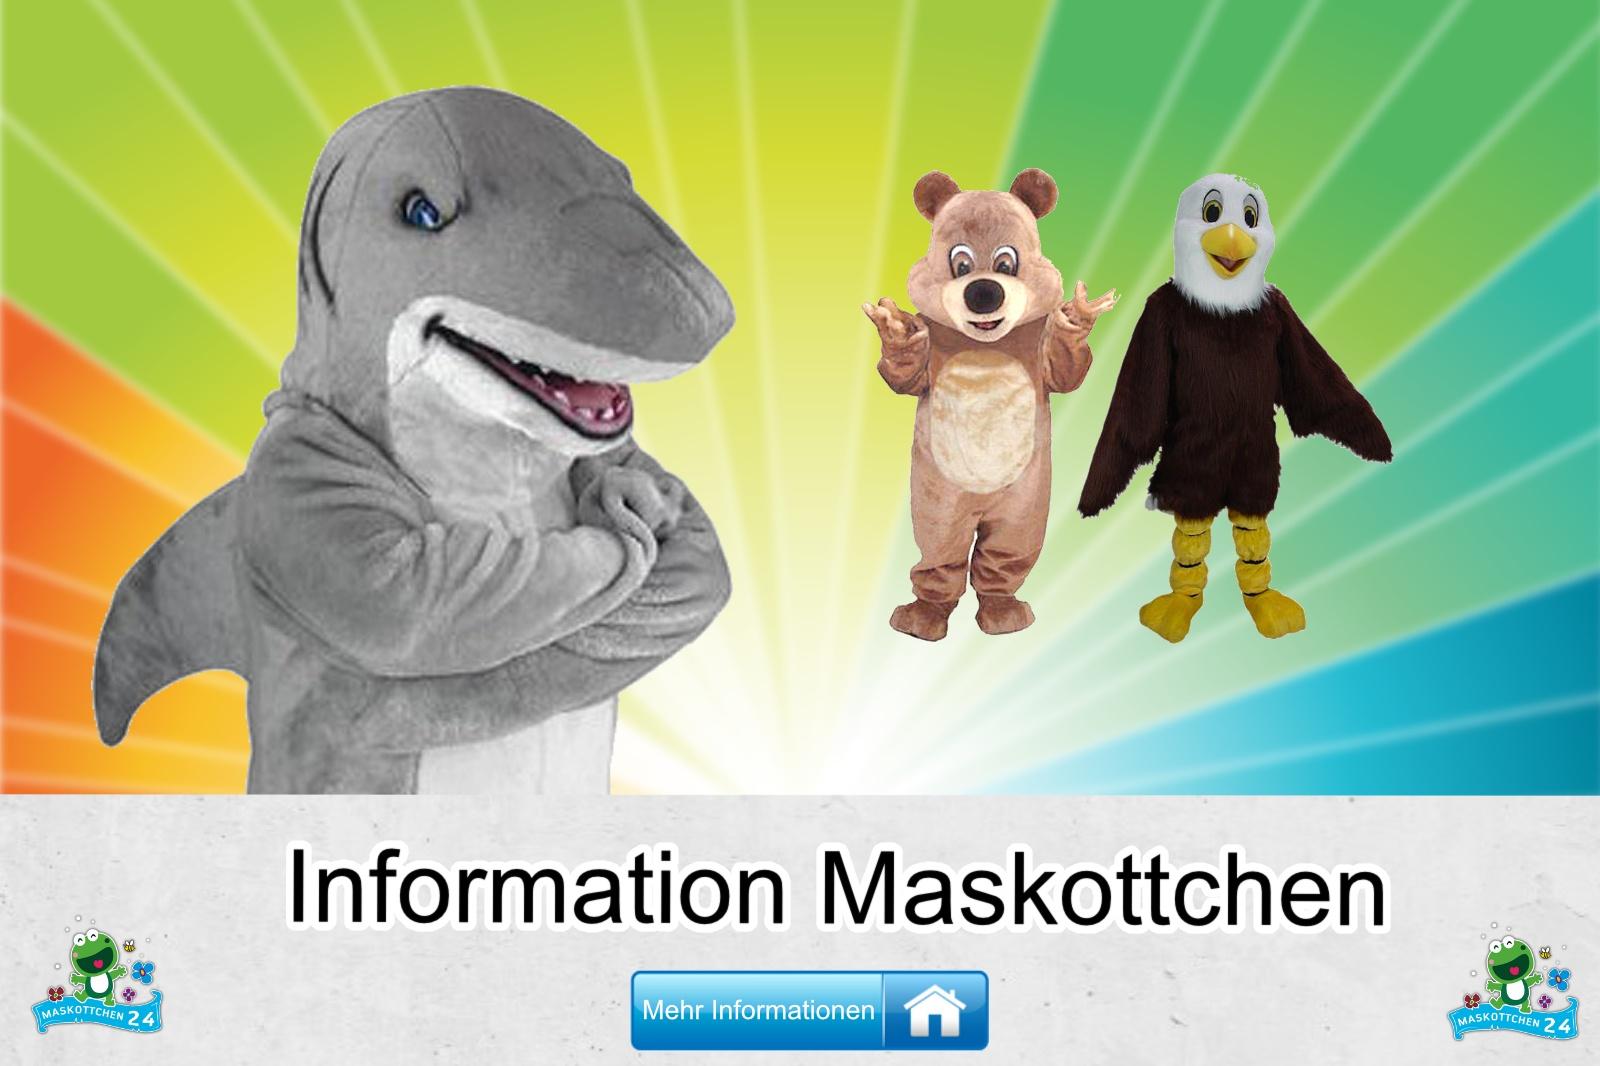 Information Maskottchen Kostüm kaufen, günstige Produktion / Herstellung.